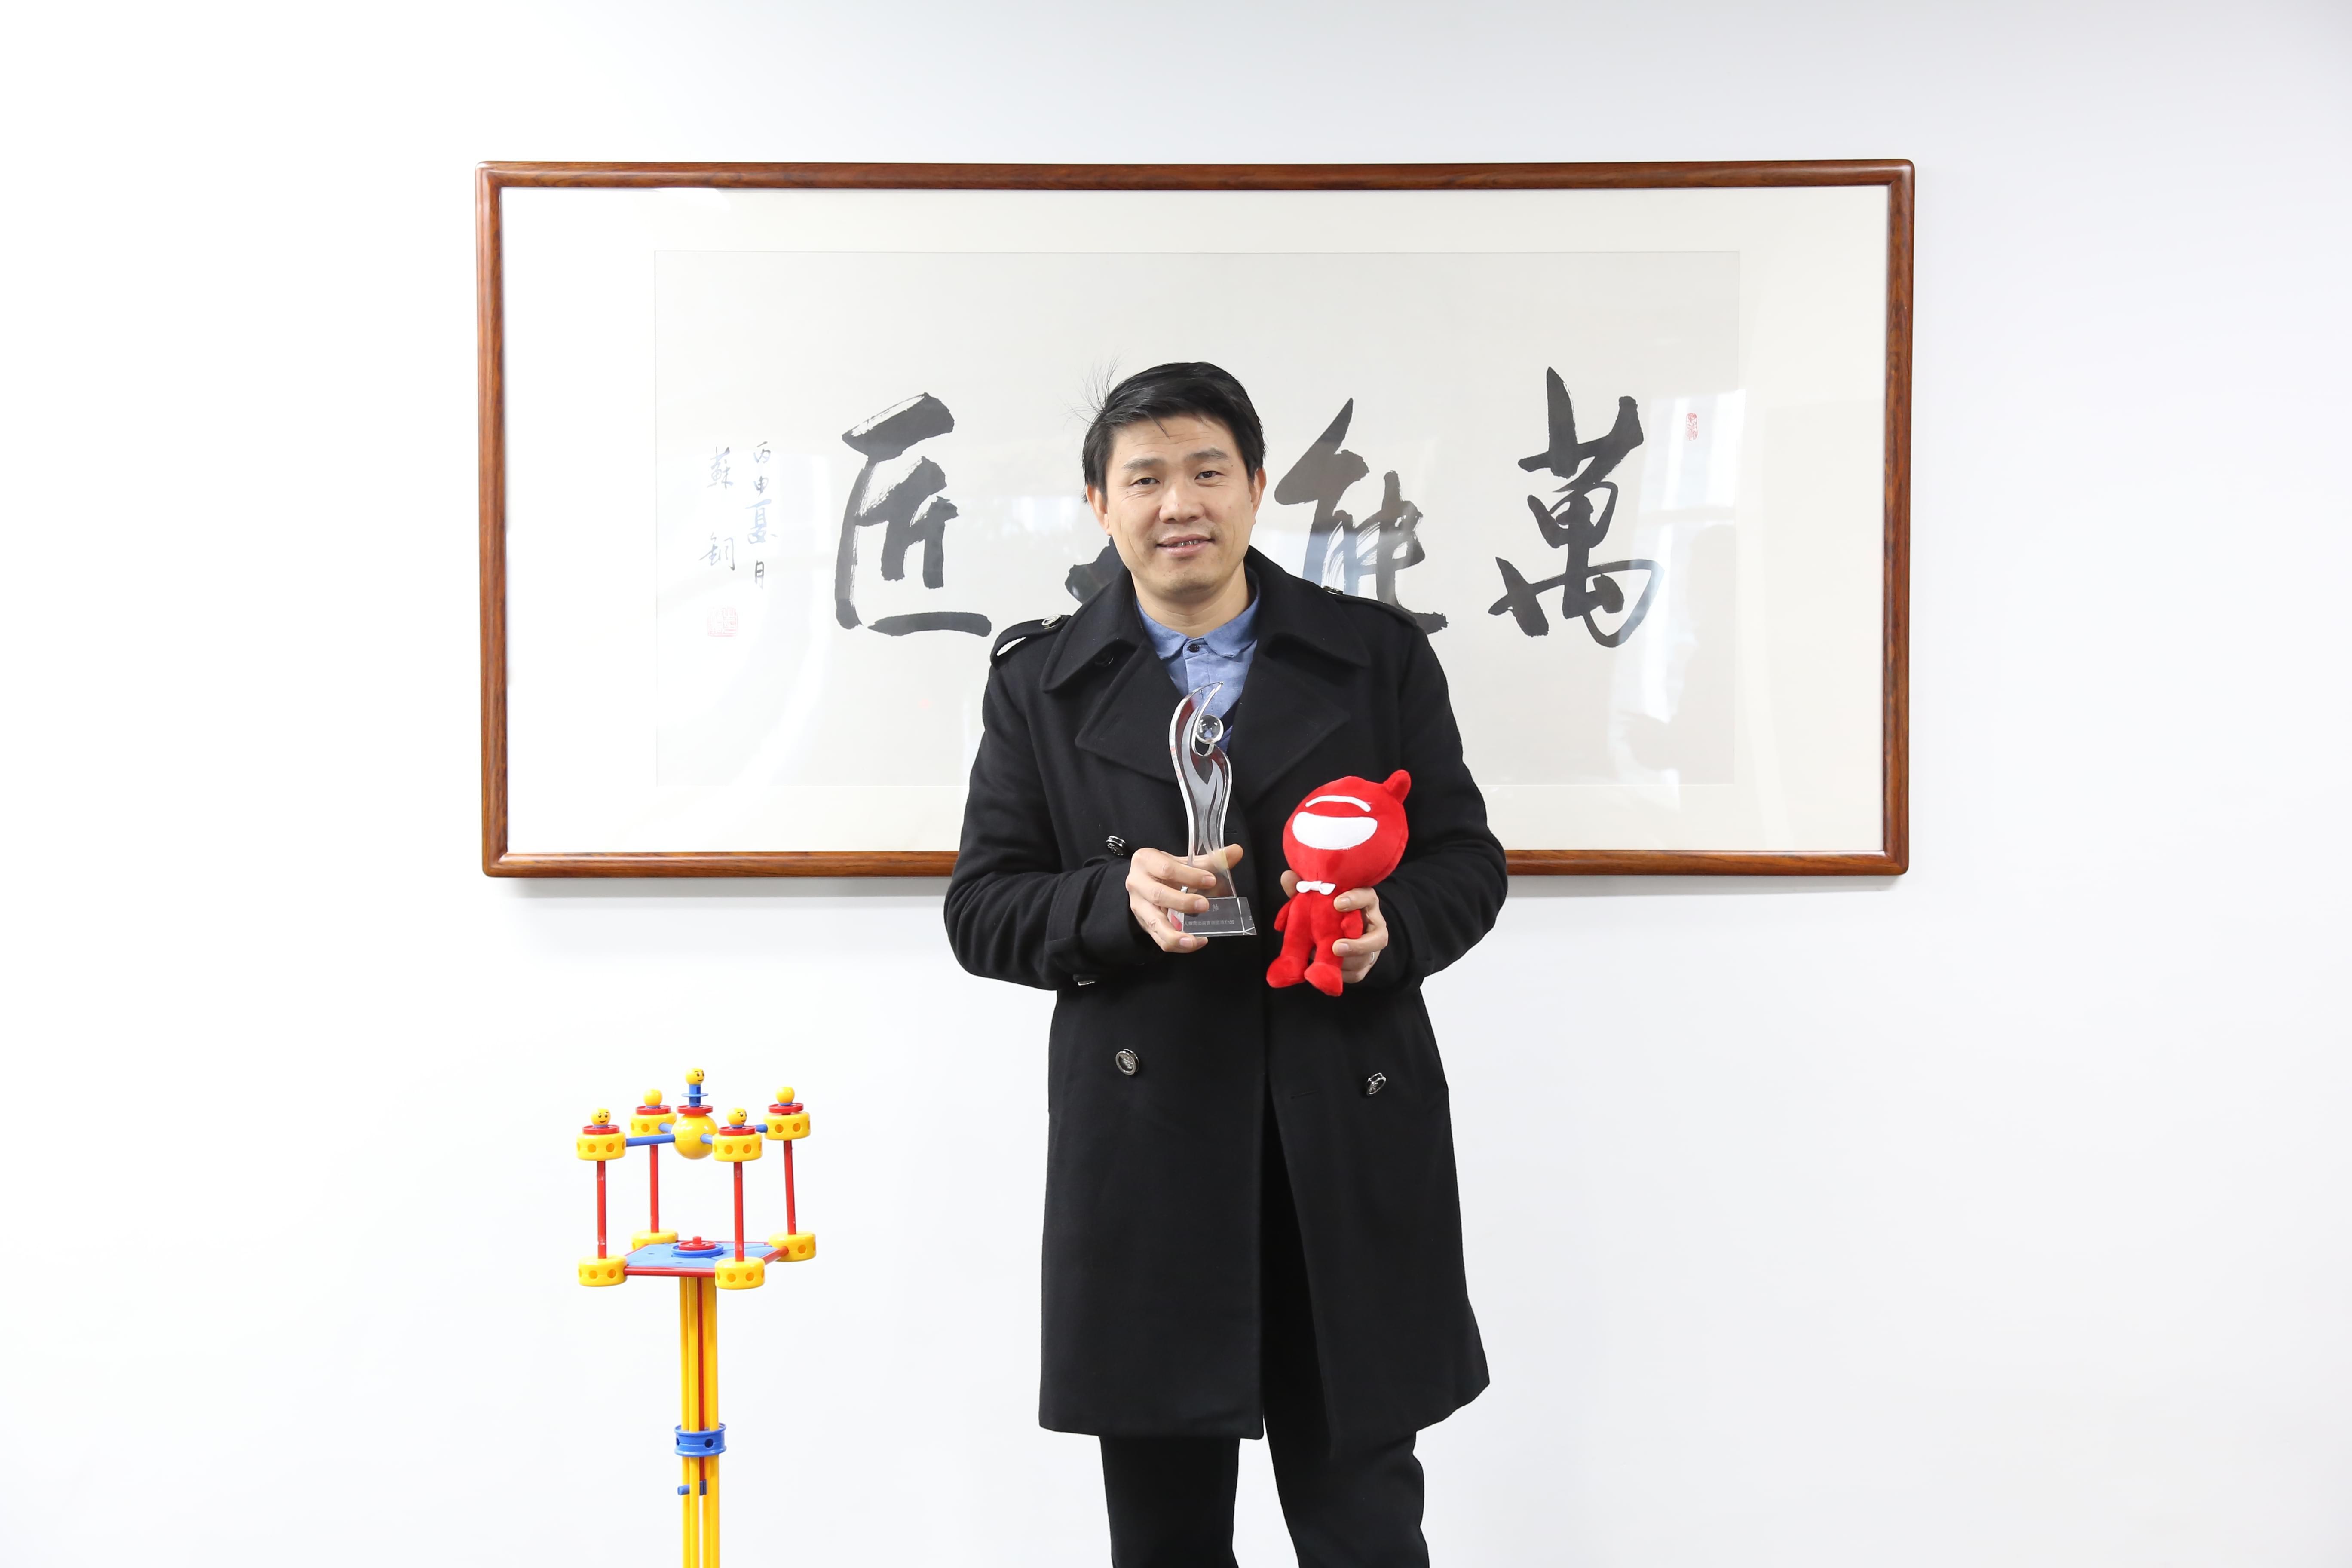 专访万能工匠创始人胡碧升:让孩子在游戏中得到发展